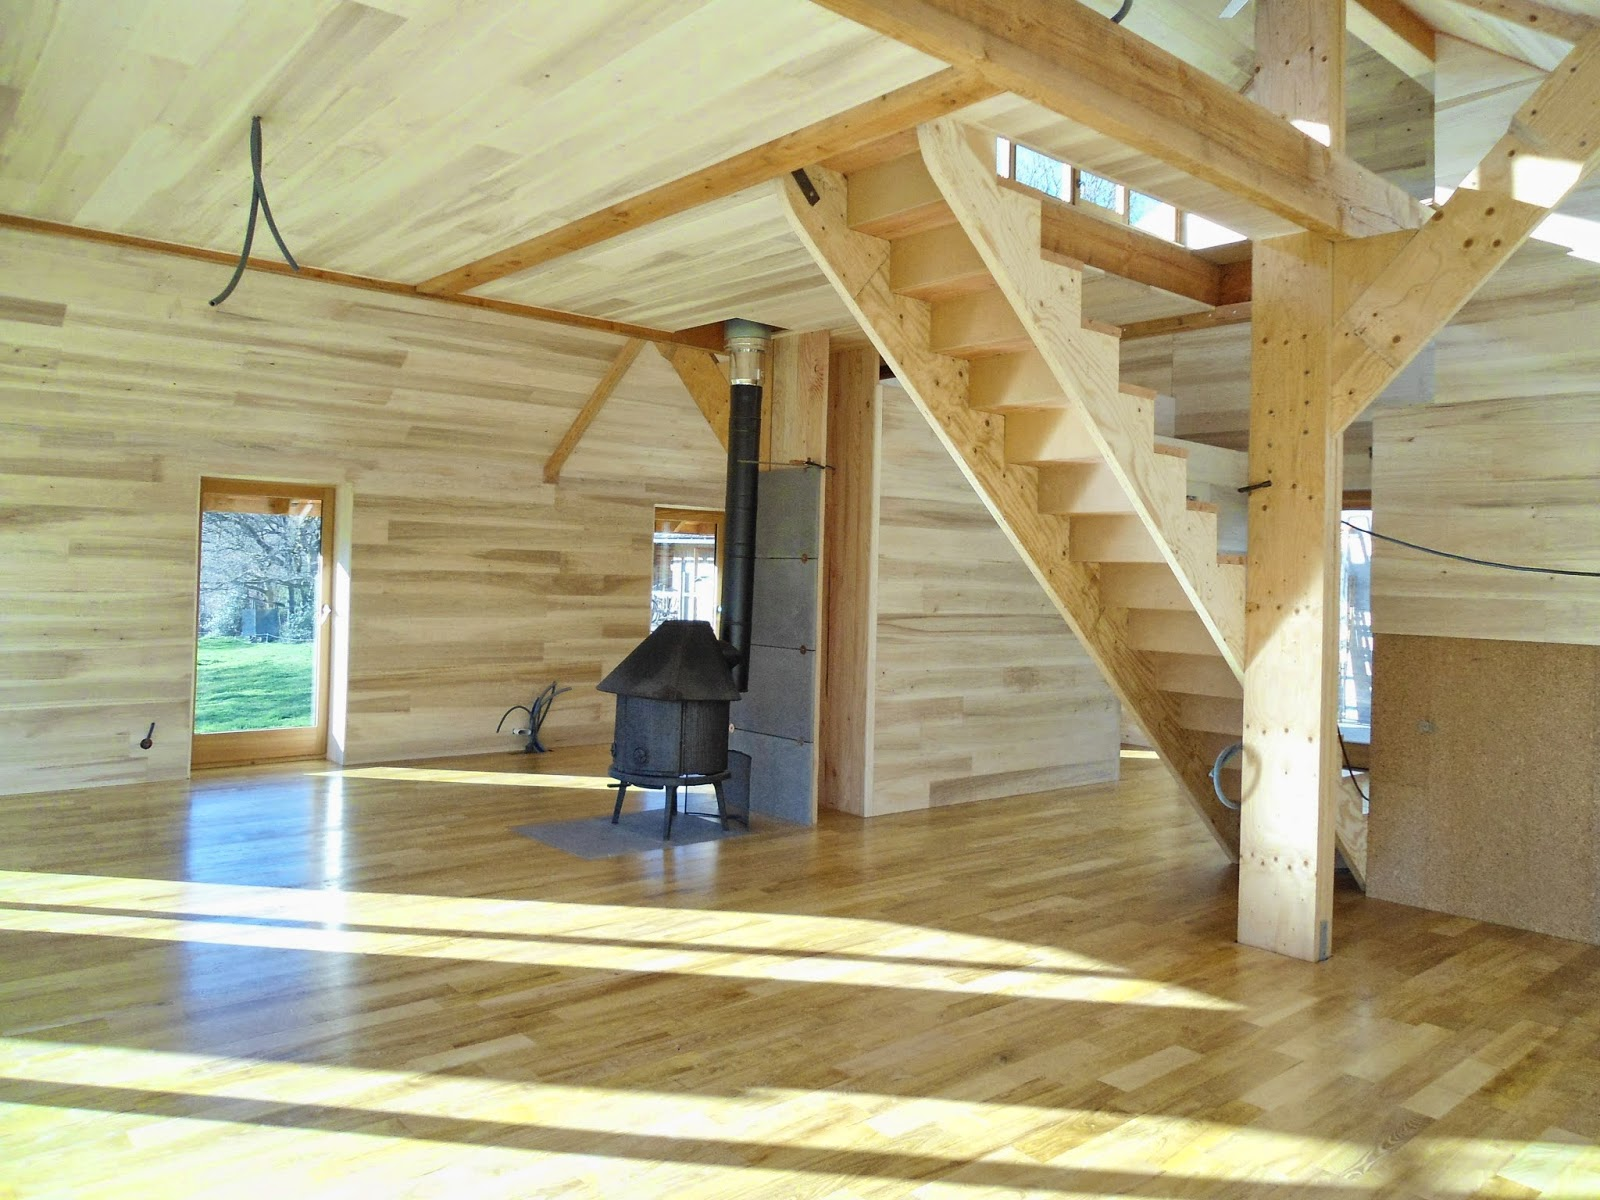 construire une petite maison en bois free cuest de construire le vtre laurent chauvin with. Black Bedroom Furniture Sets. Home Design Ideas